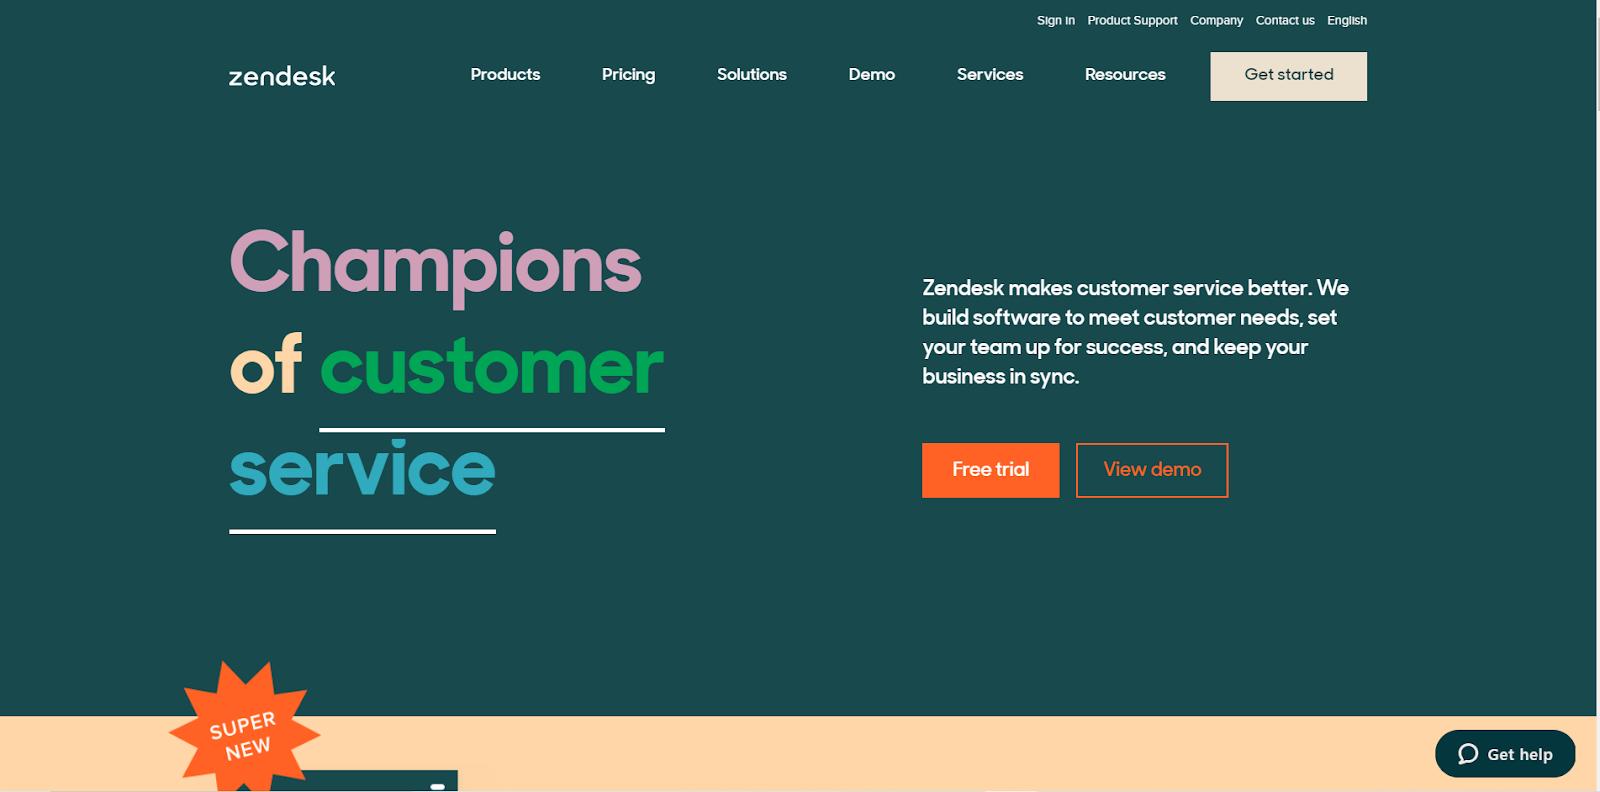 Zendeskのウェブサイト